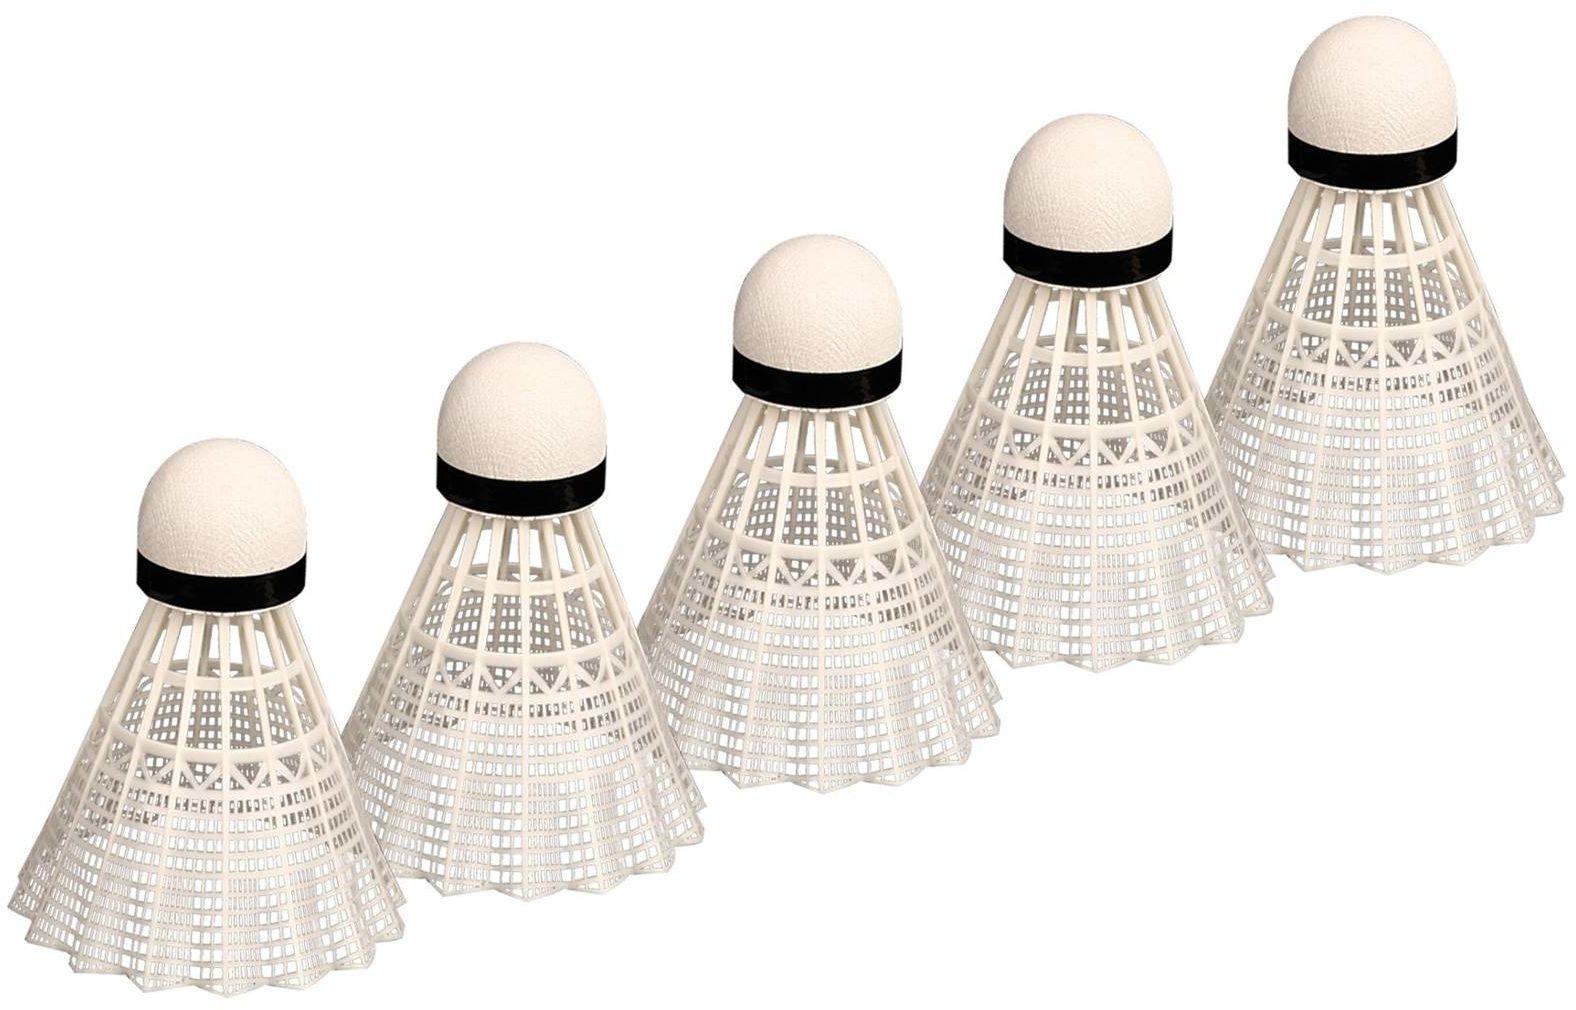 Lotki do badmintona białe Avento x5